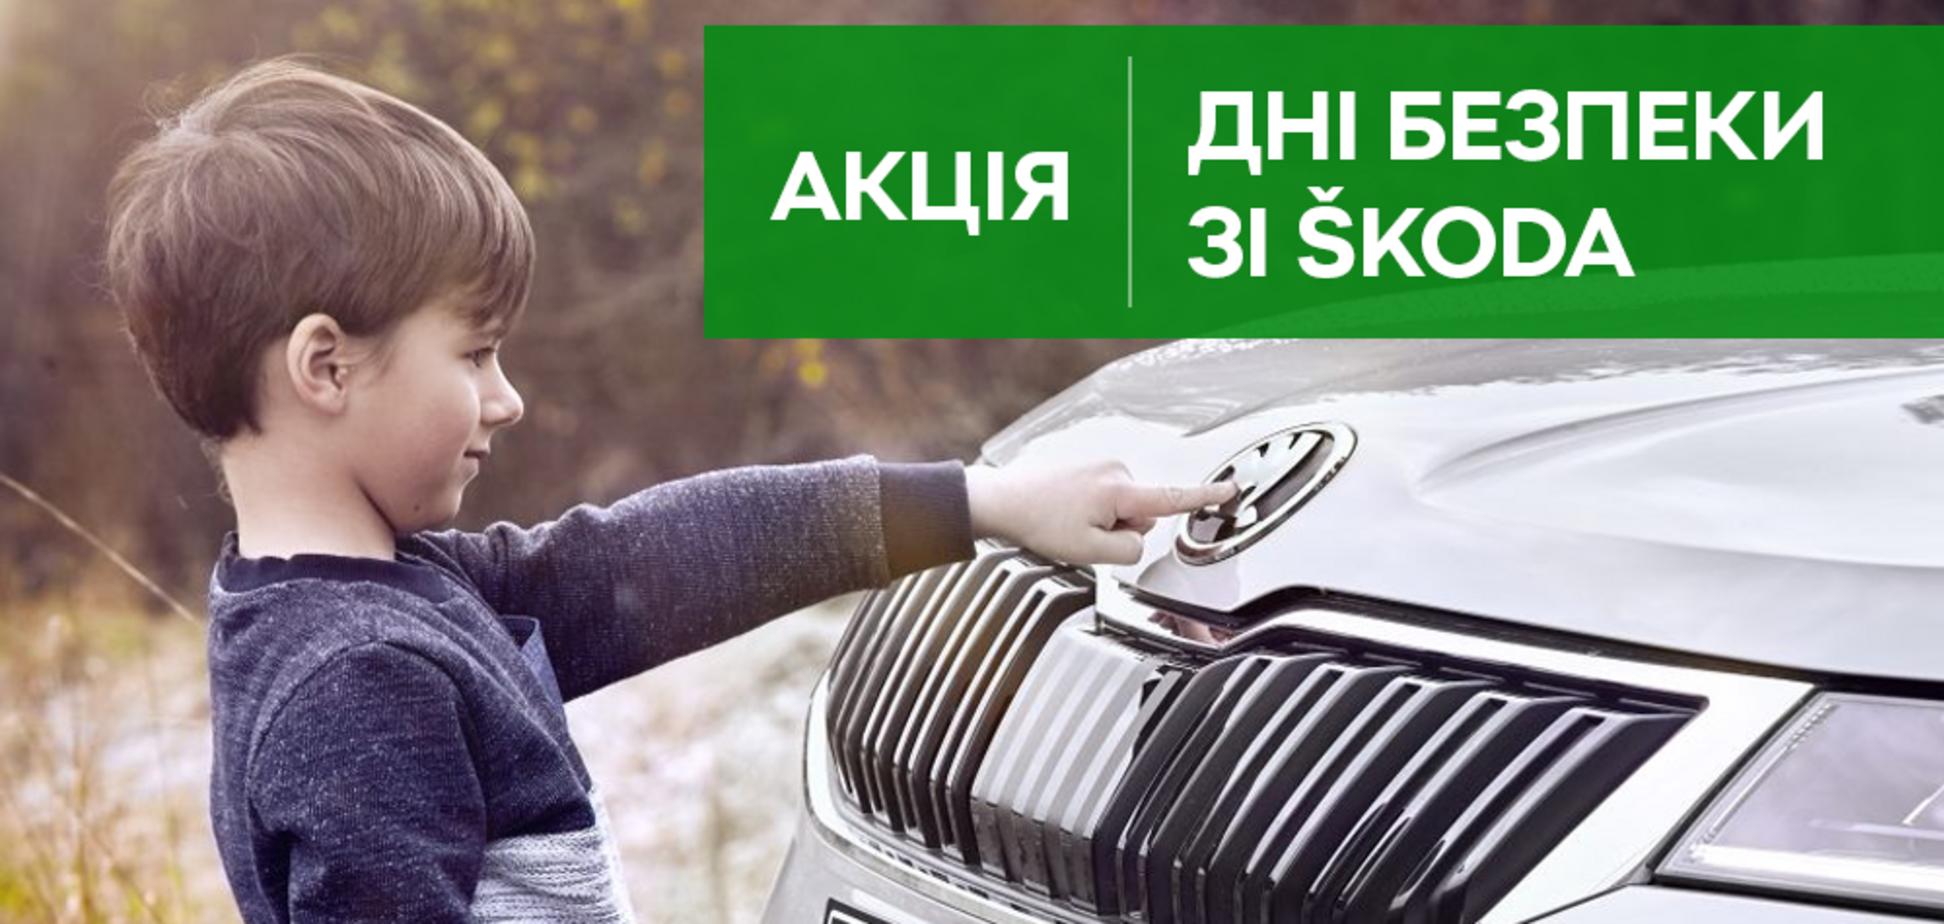 'Еврокар' запустилсоциальный проект 'Дни безопасности со Skoda'